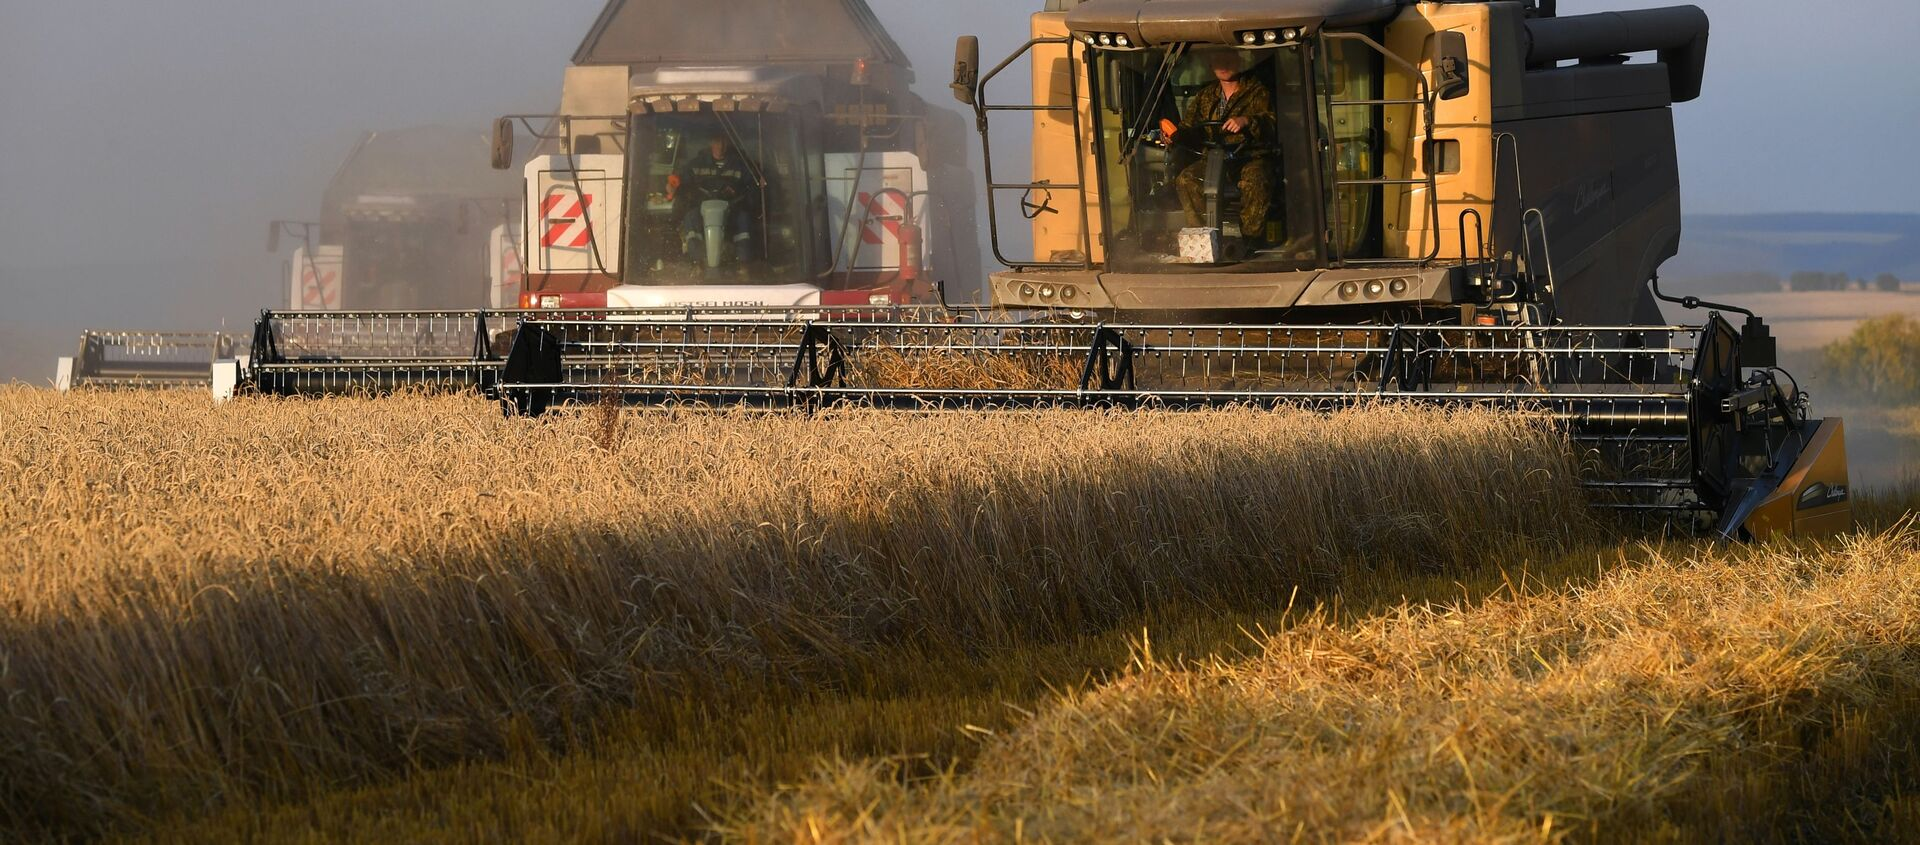 La cosecha de trigo en Rusia - Sputnik Mundo, 1920, 27.11.2020